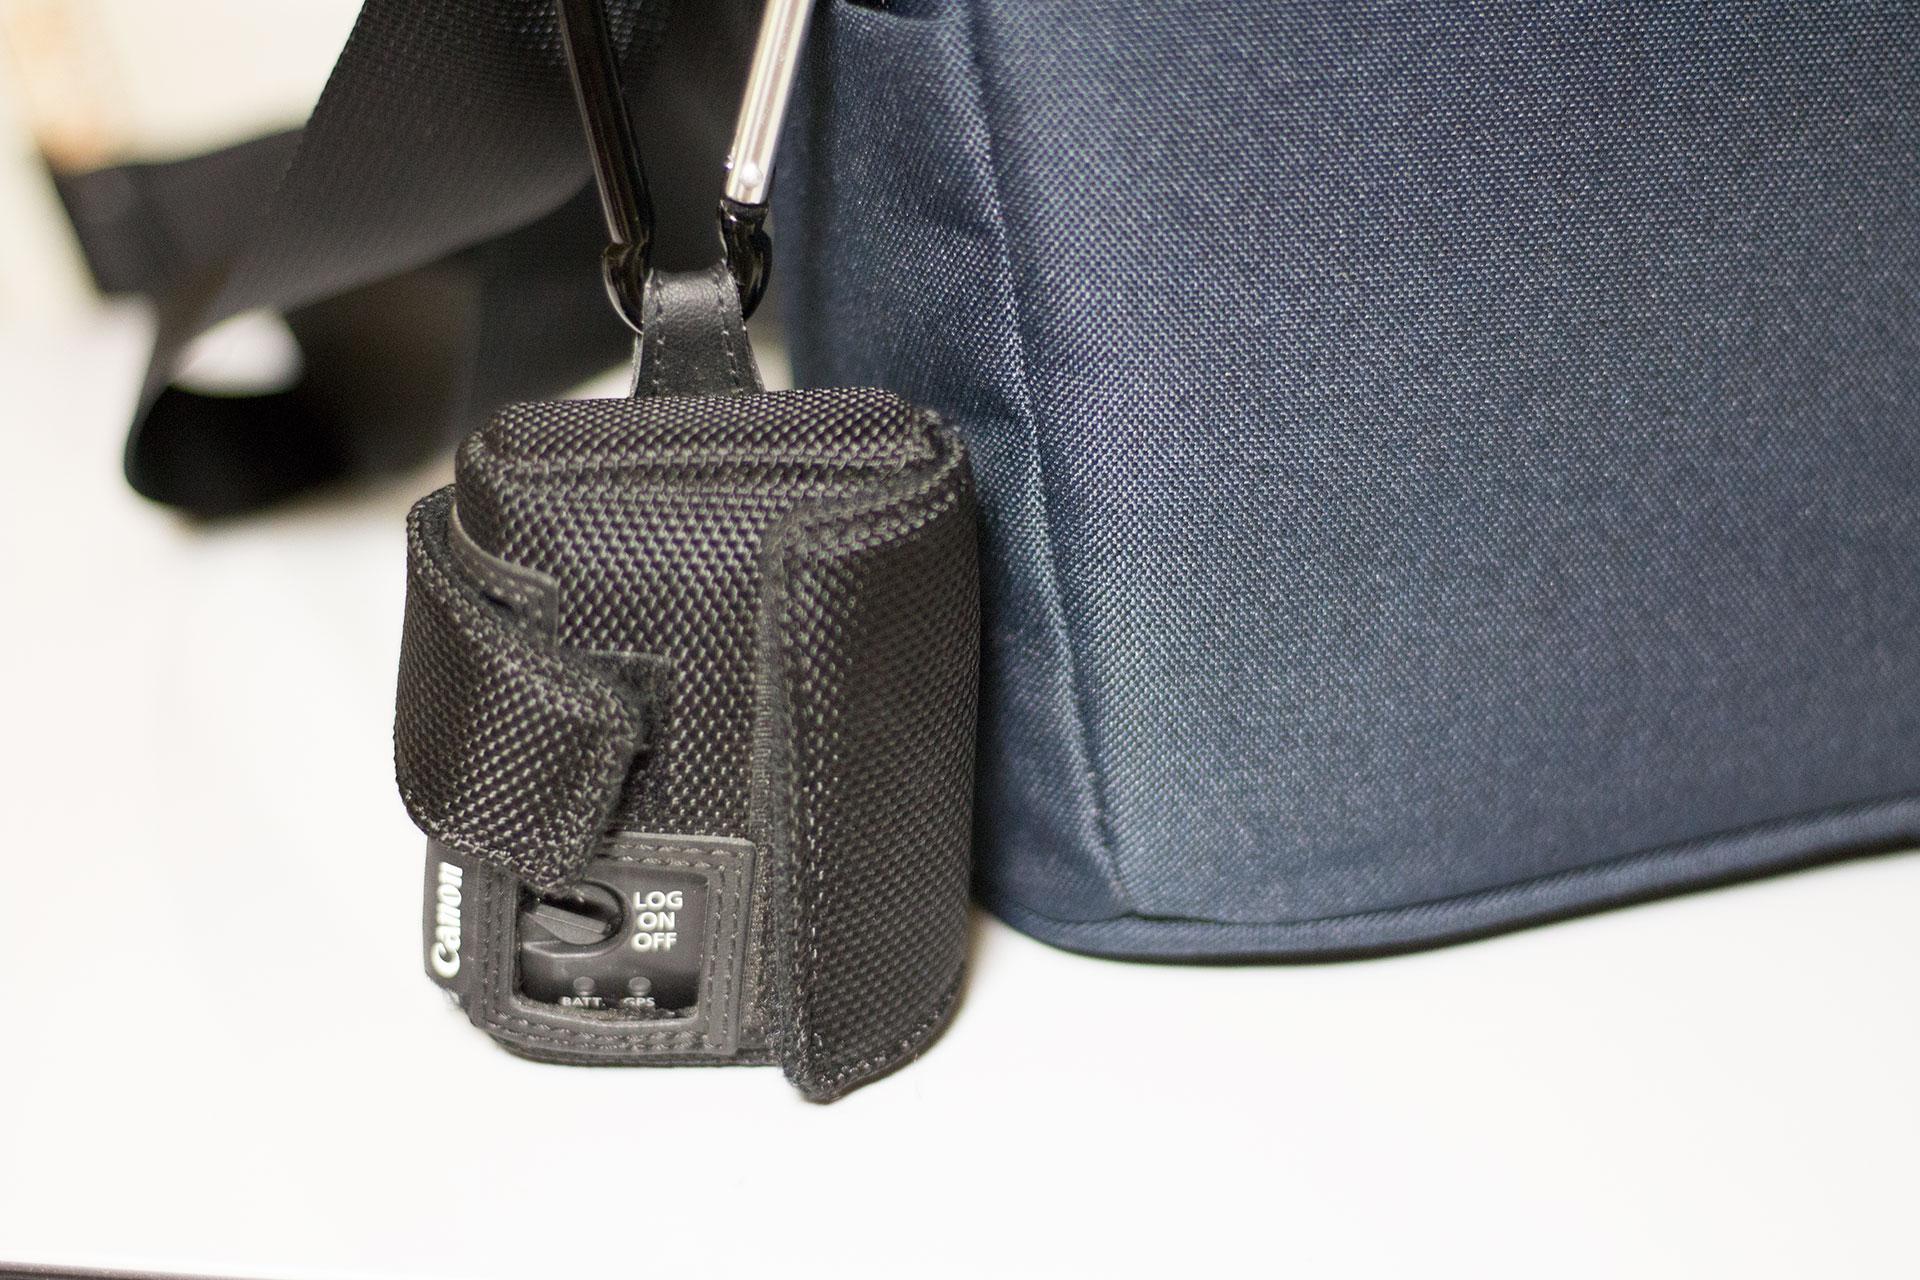 Canon GPS Receiver GP-E2とバッグ